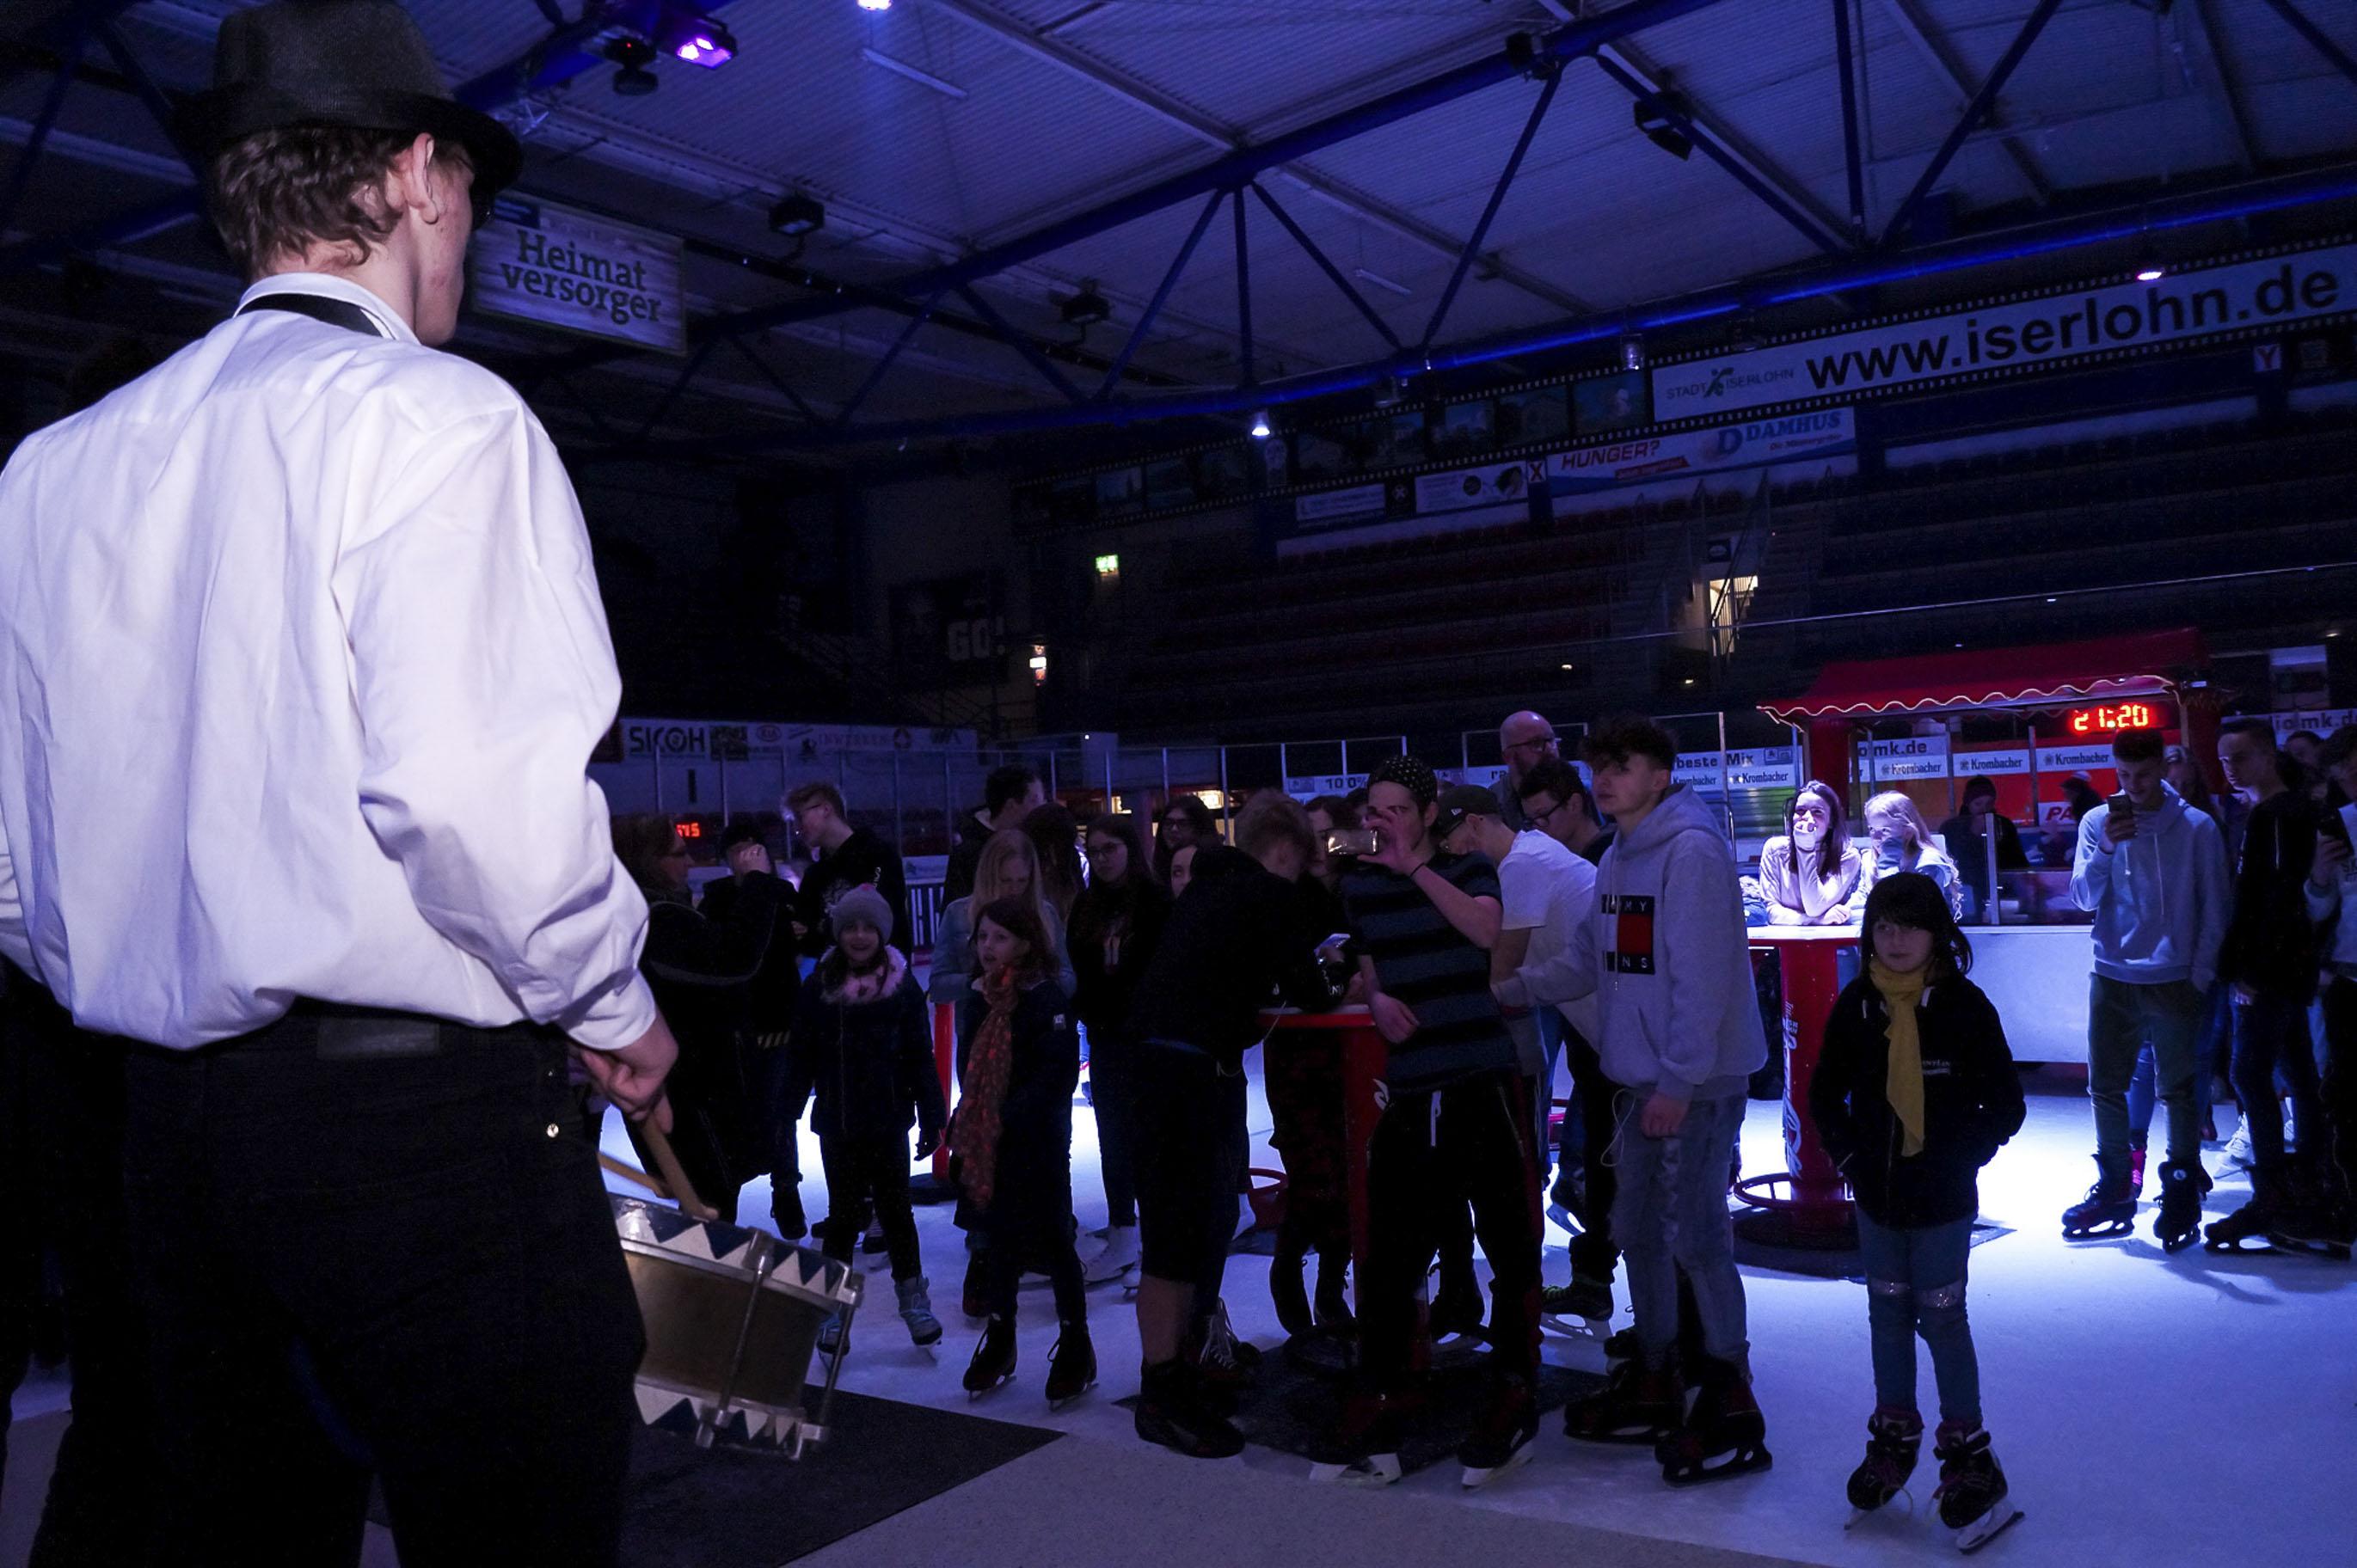 Eissporthalle Iserlohn Kommende Veranstaltungen